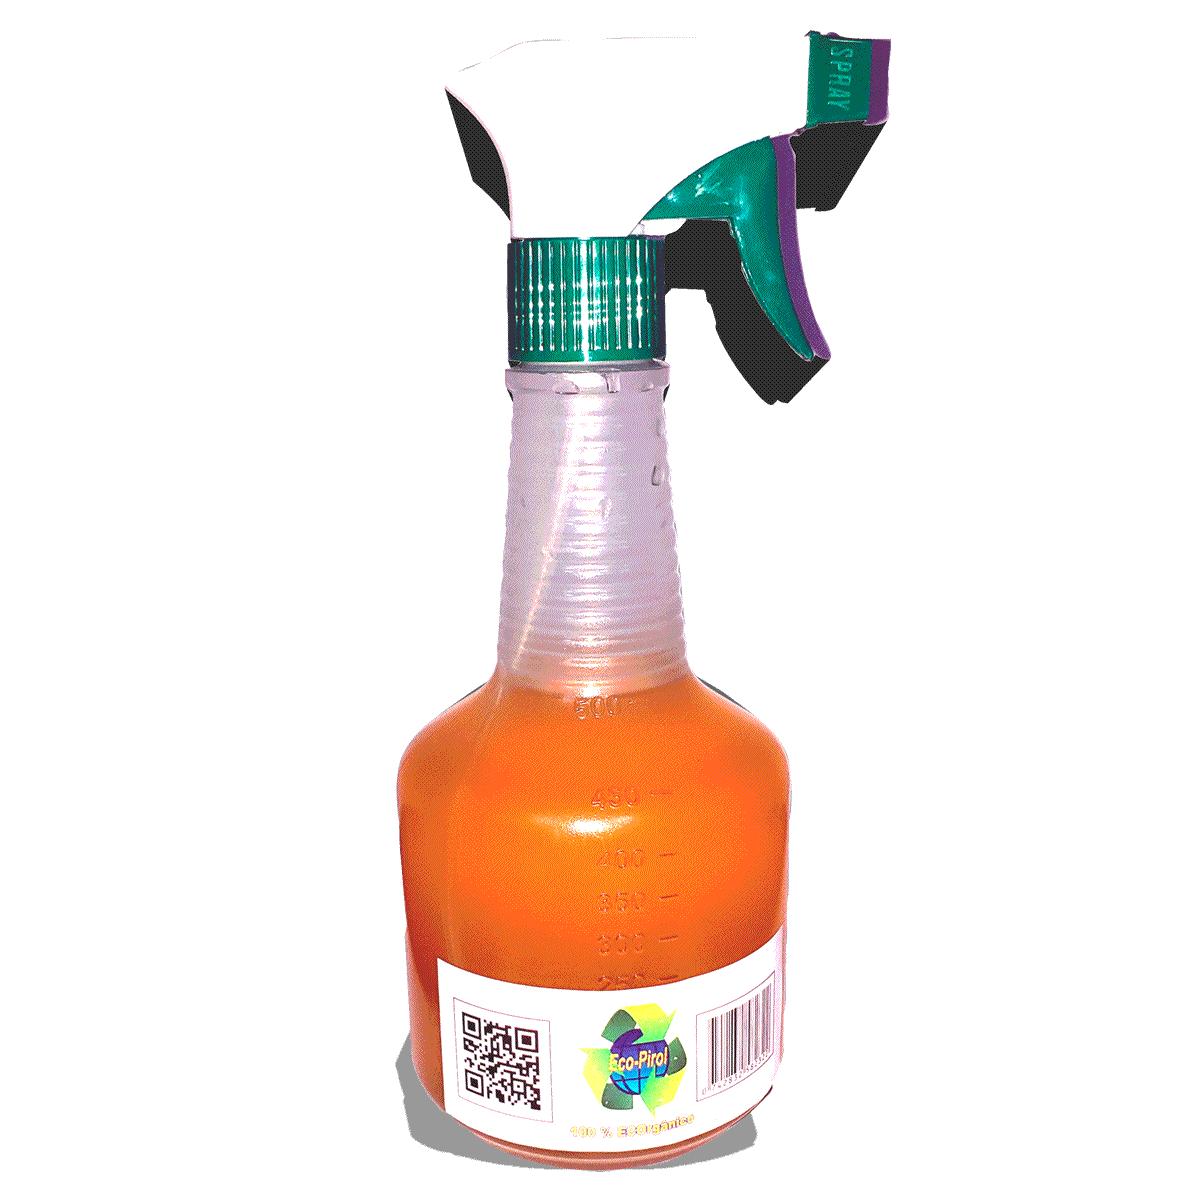 3 em 1 Spray - Ecopirol 500 ml Adubo Foliar Adjuvante Espalhante